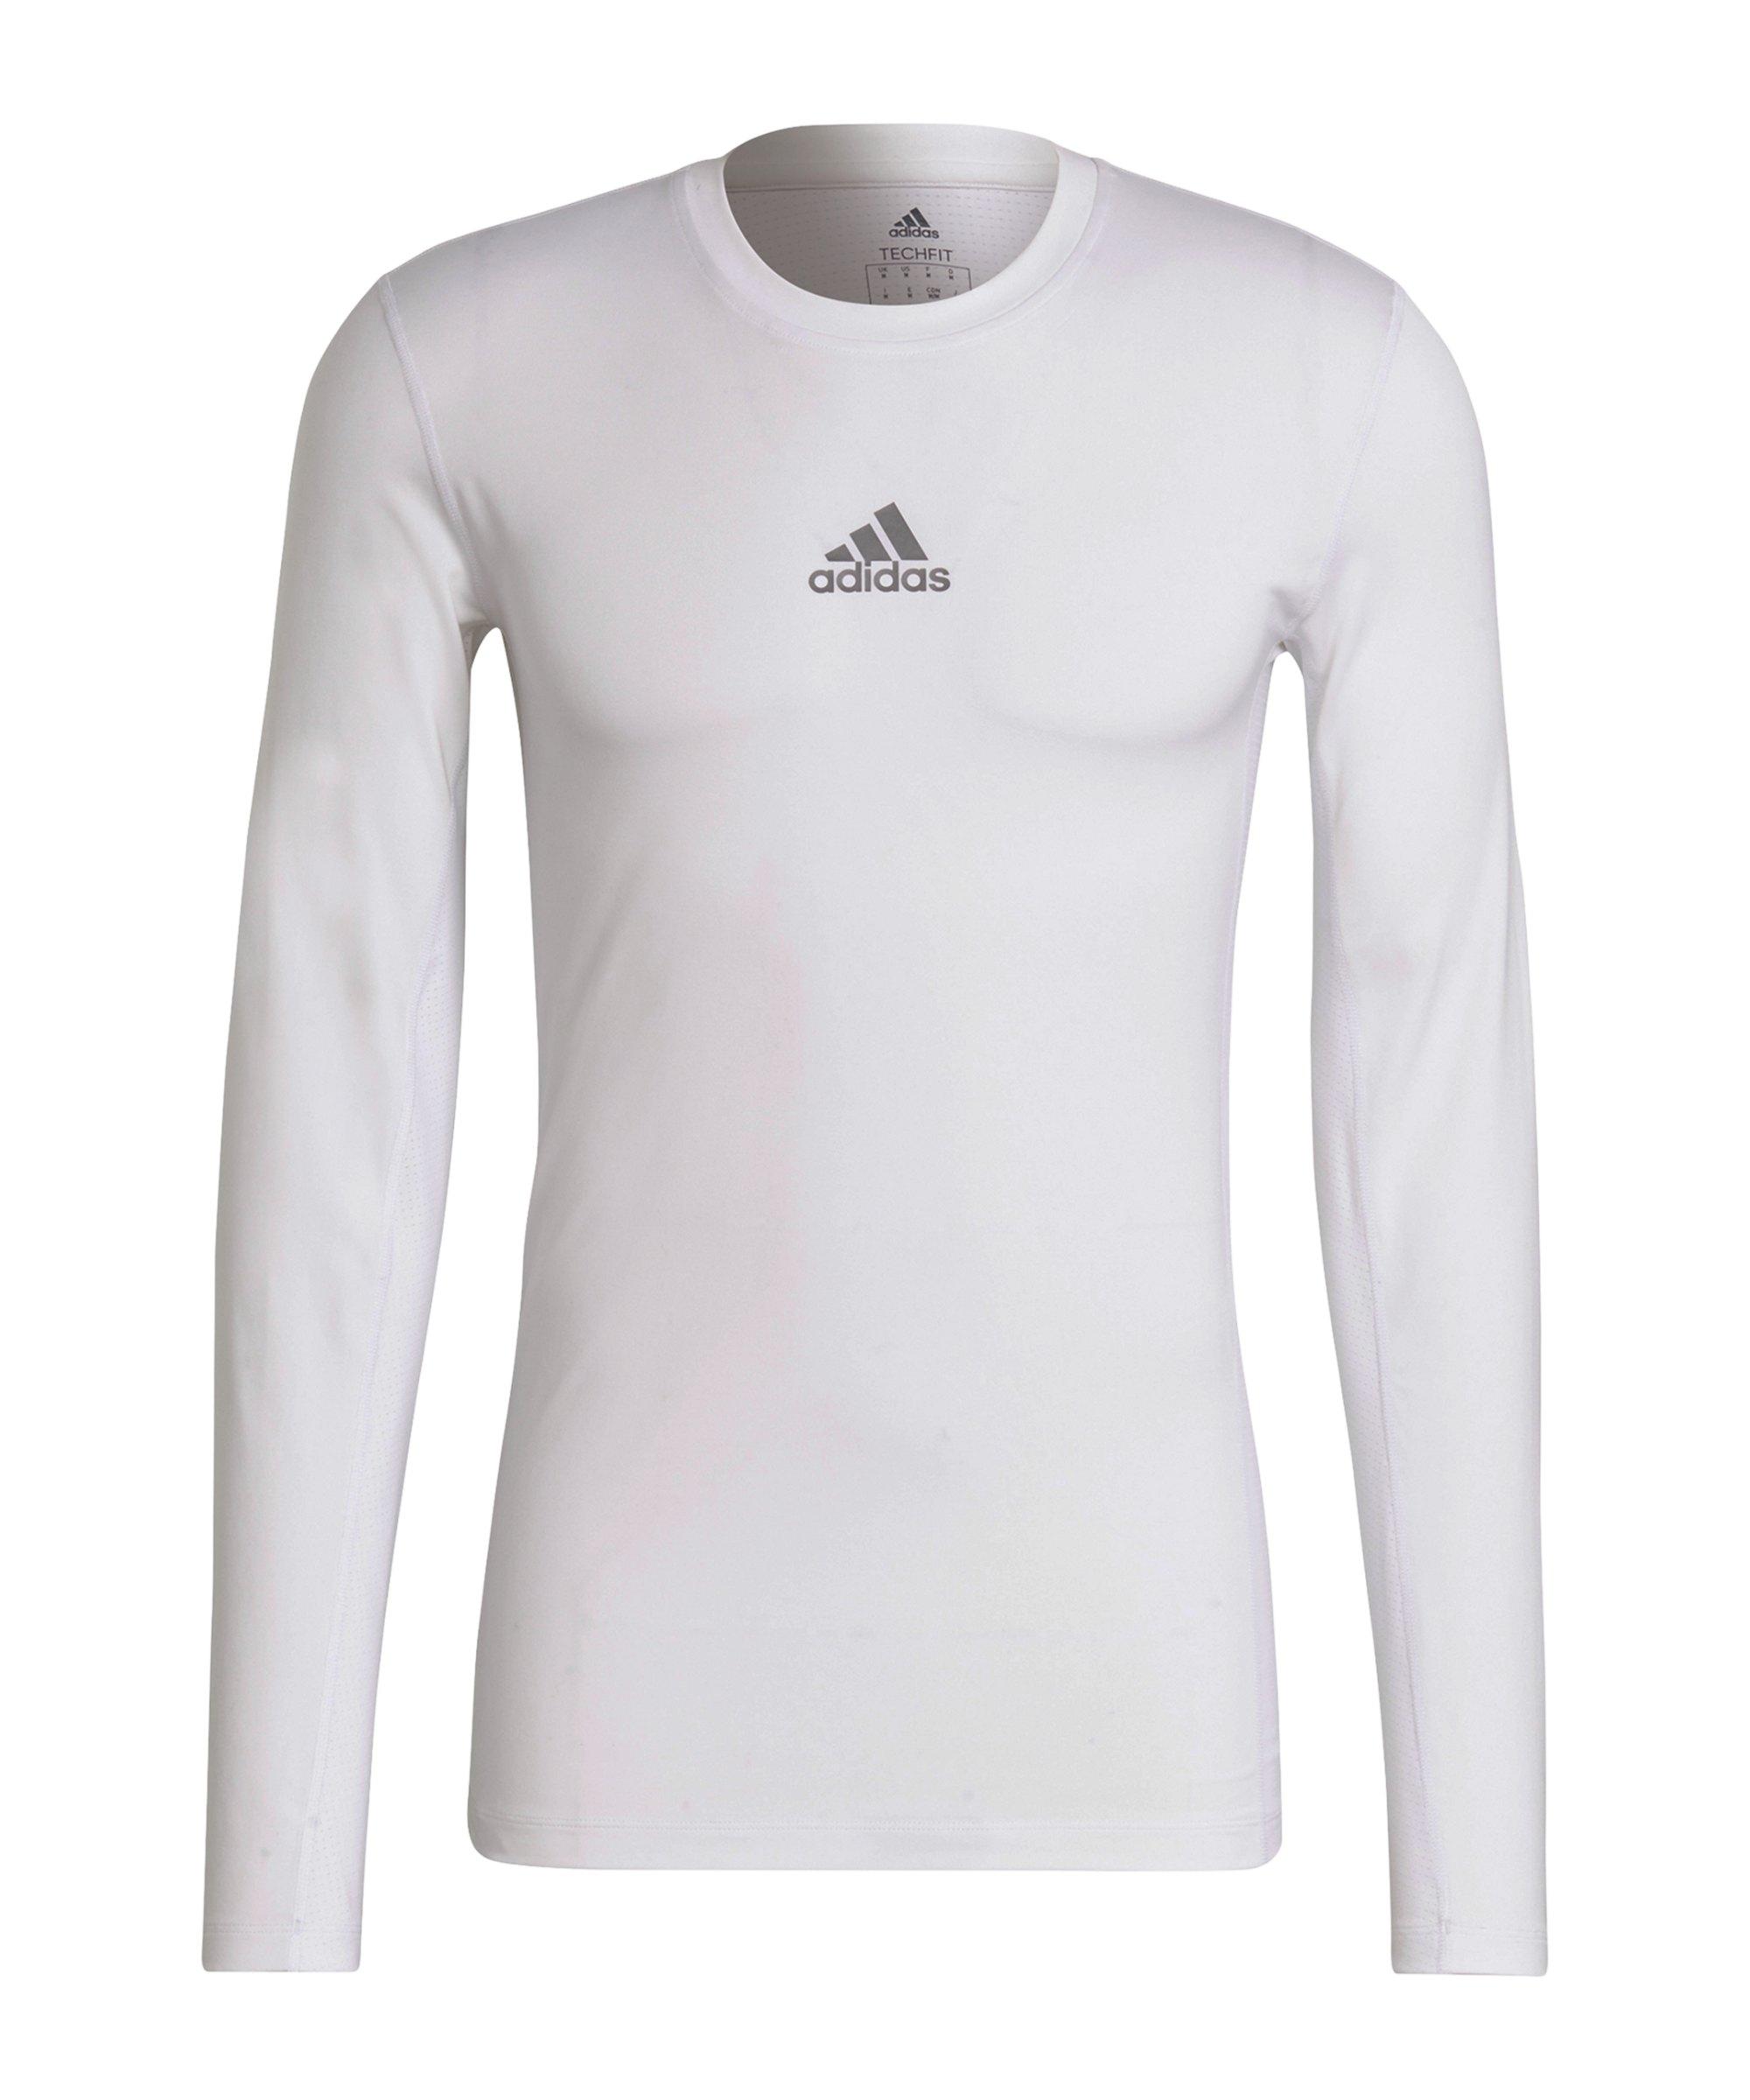 adidas Techfit Shirt langarm Weiss - weiss